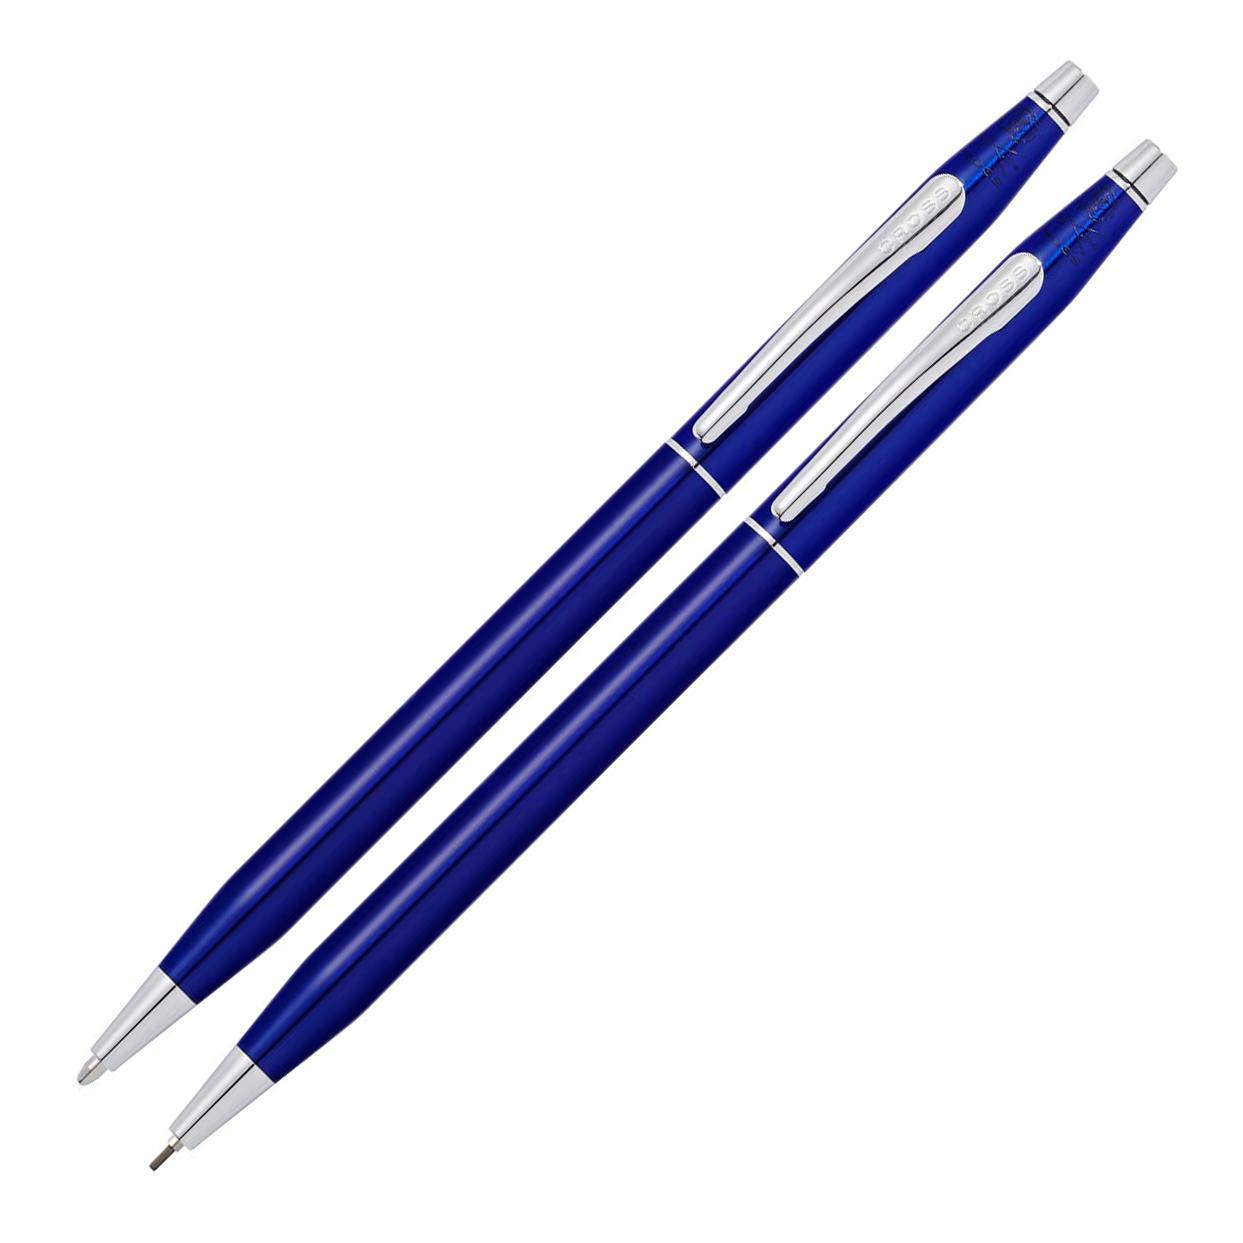 Набор подарочный Cross Classic Century - Translucent Blue Lacquer, шариковая ручка + карандаш